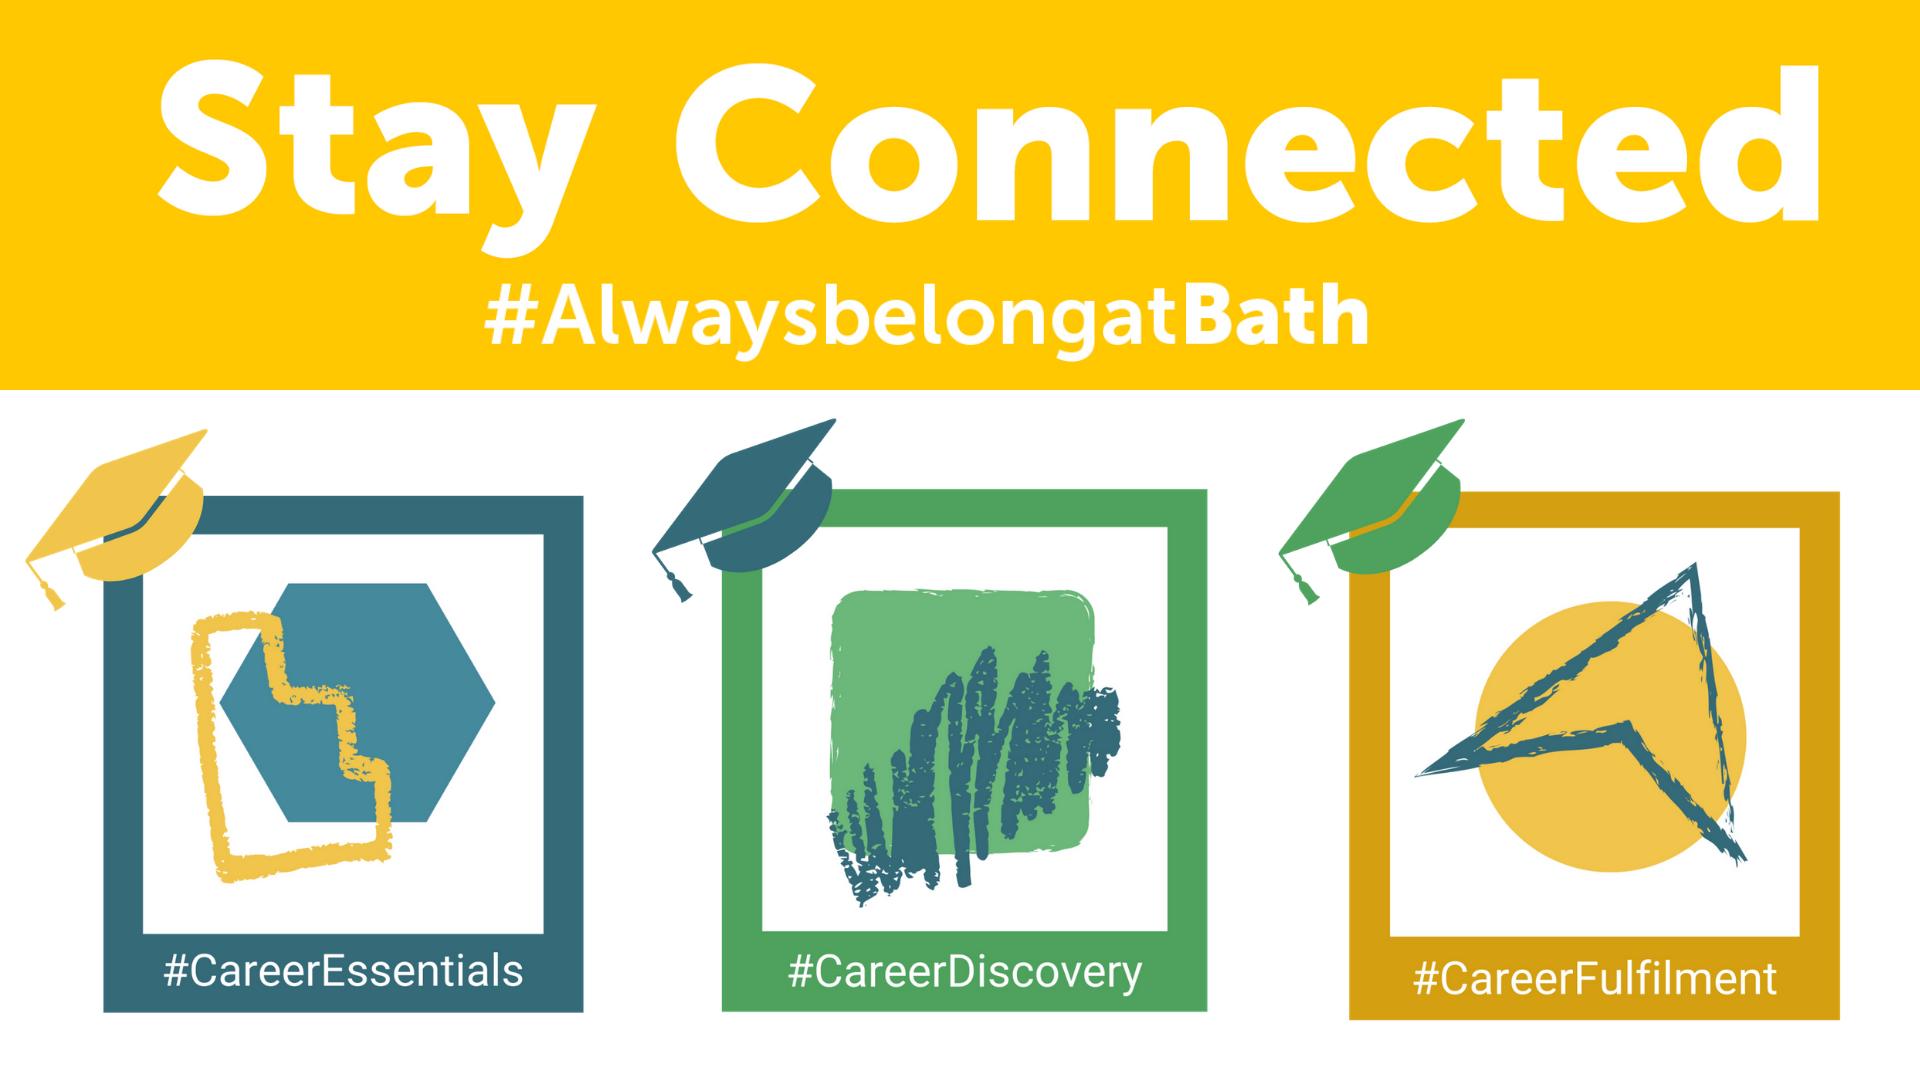 Stay Connected #AlwaysbelongatBath